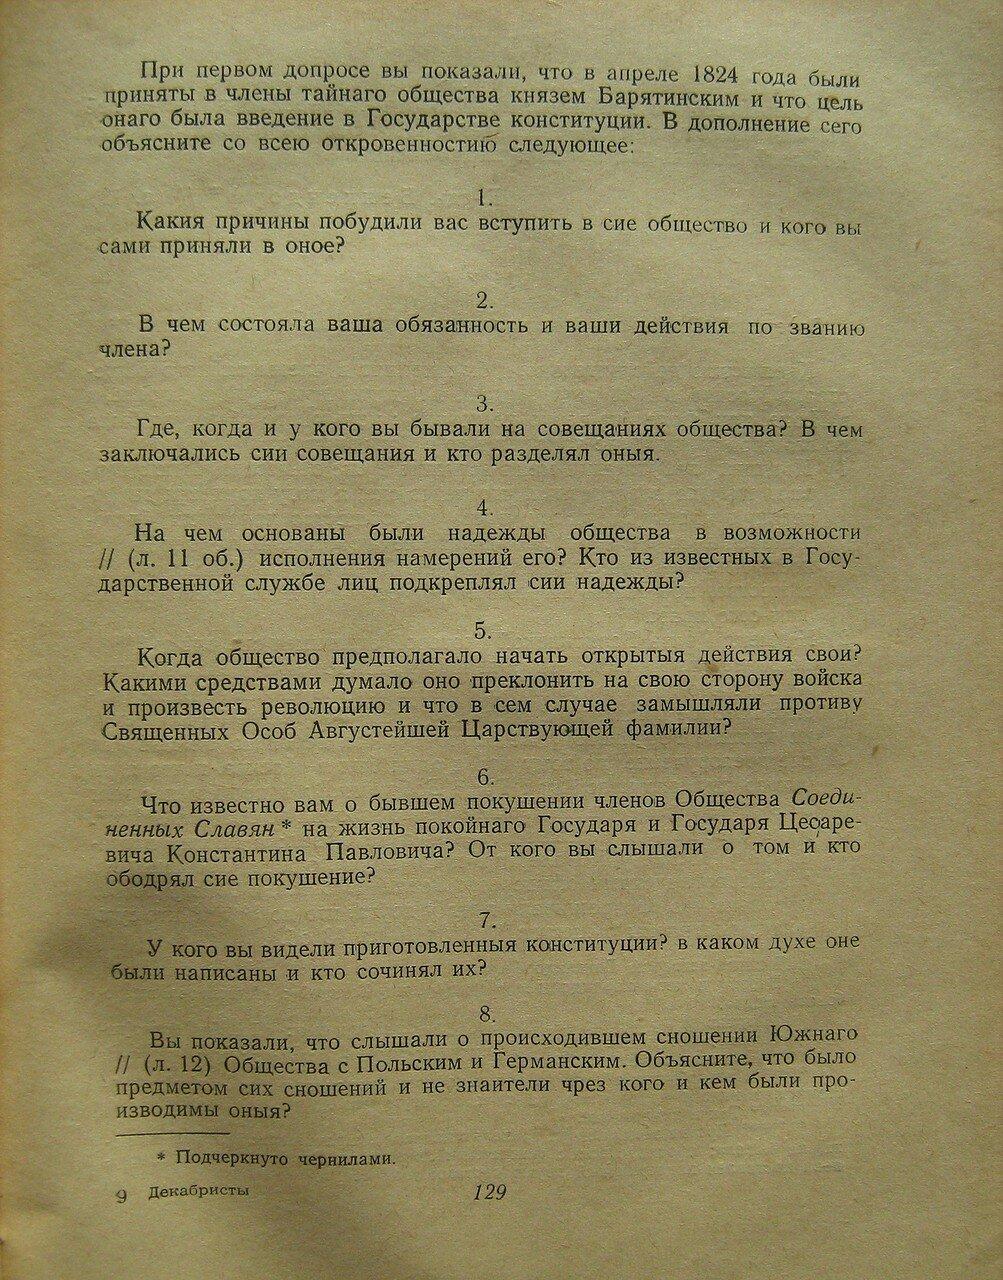 https://img-fotki.yandex.ru/get/480528/199368979.b6/0_2179f0_a0f5480f_XXXL.jpg